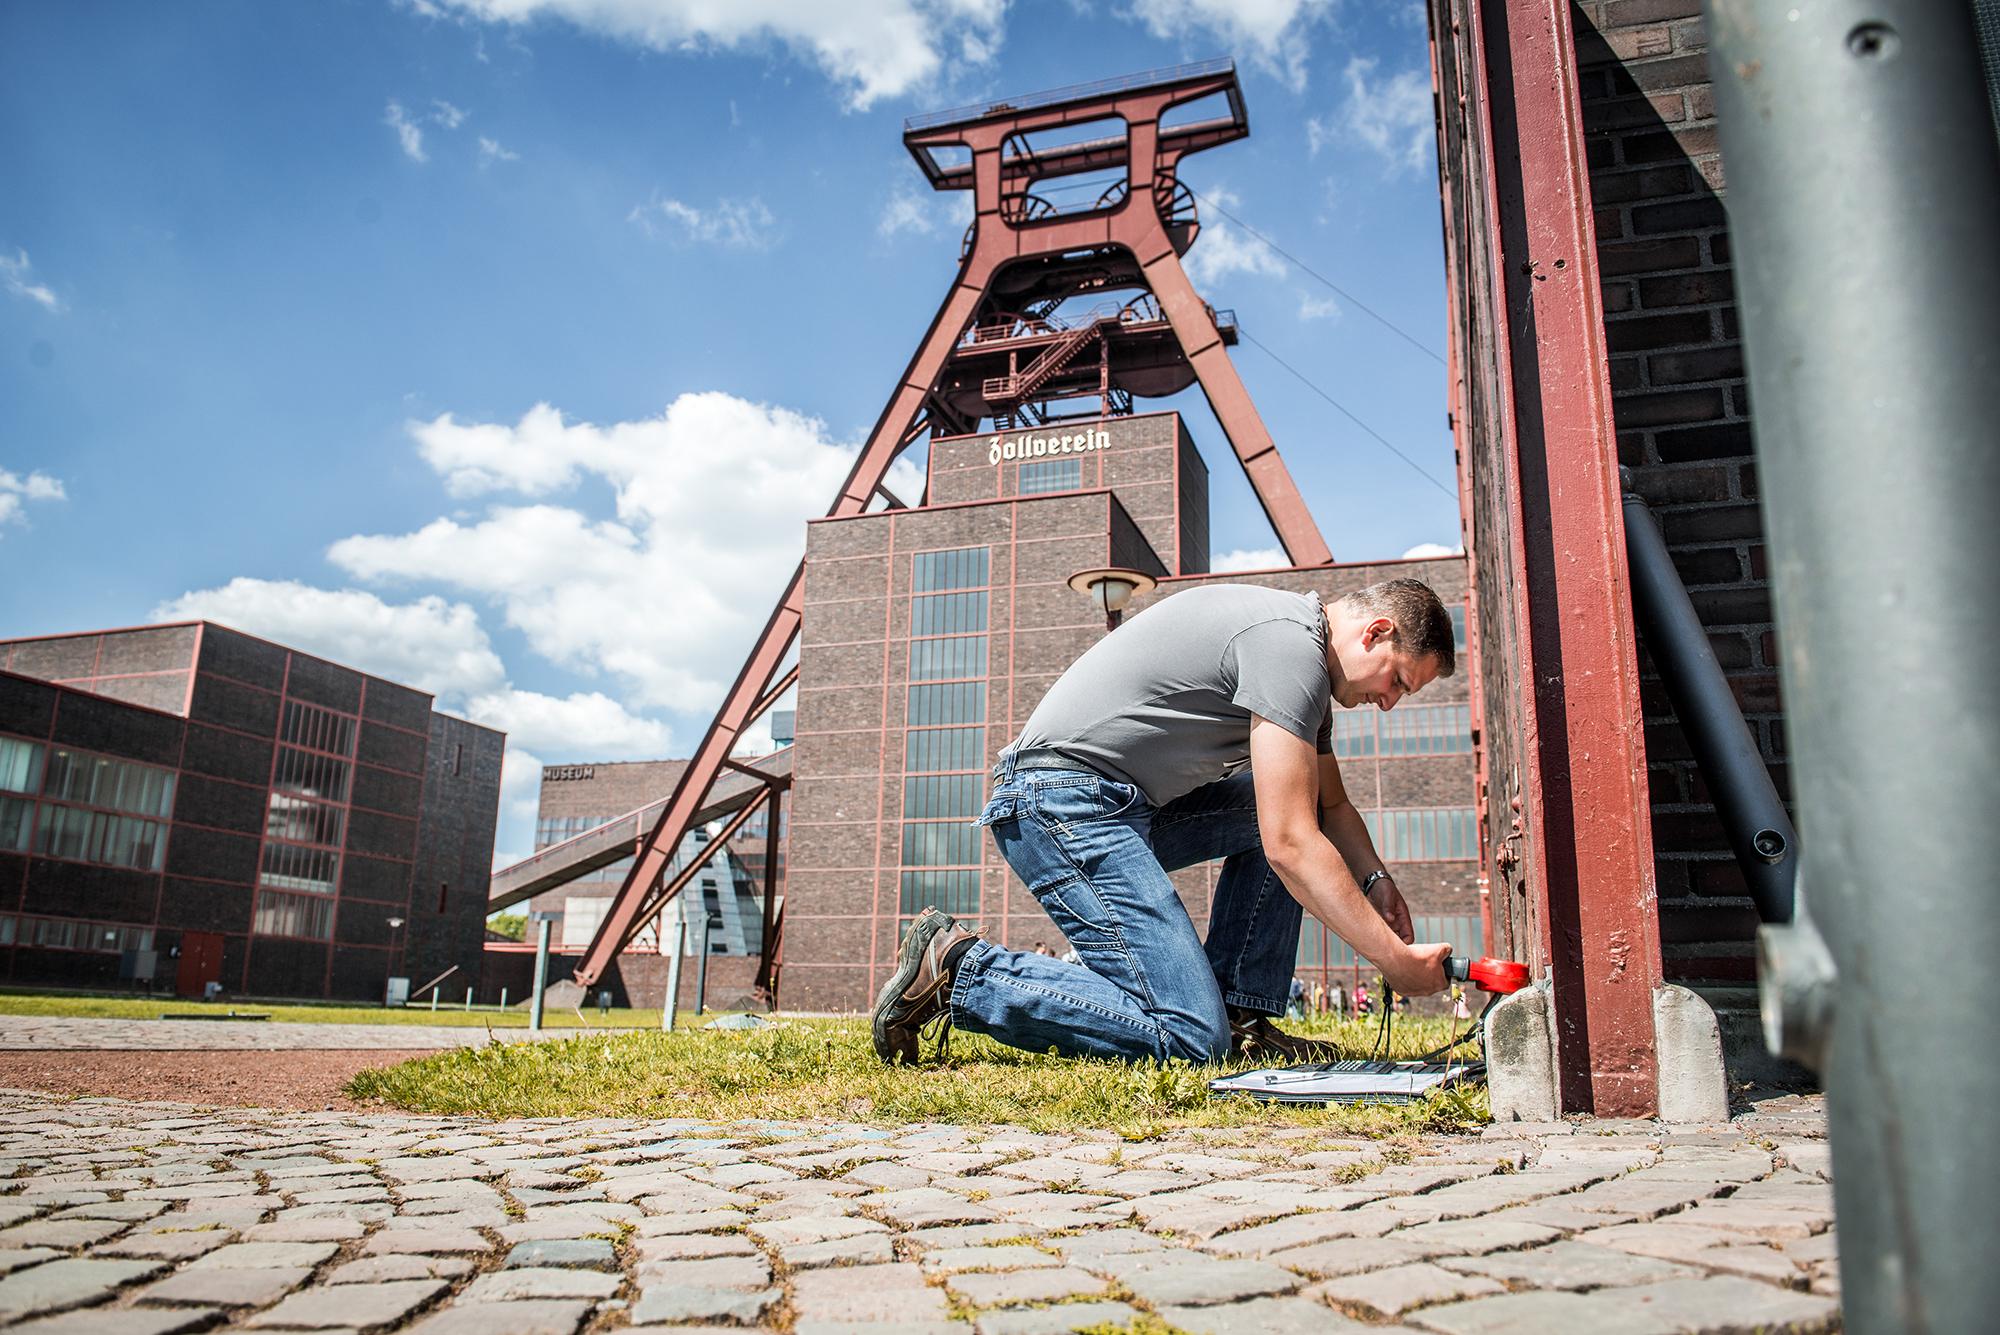 Referenzen der Bätza Köster GmbH aus Essen: UNESCO Weltkulturerbe Zollverein